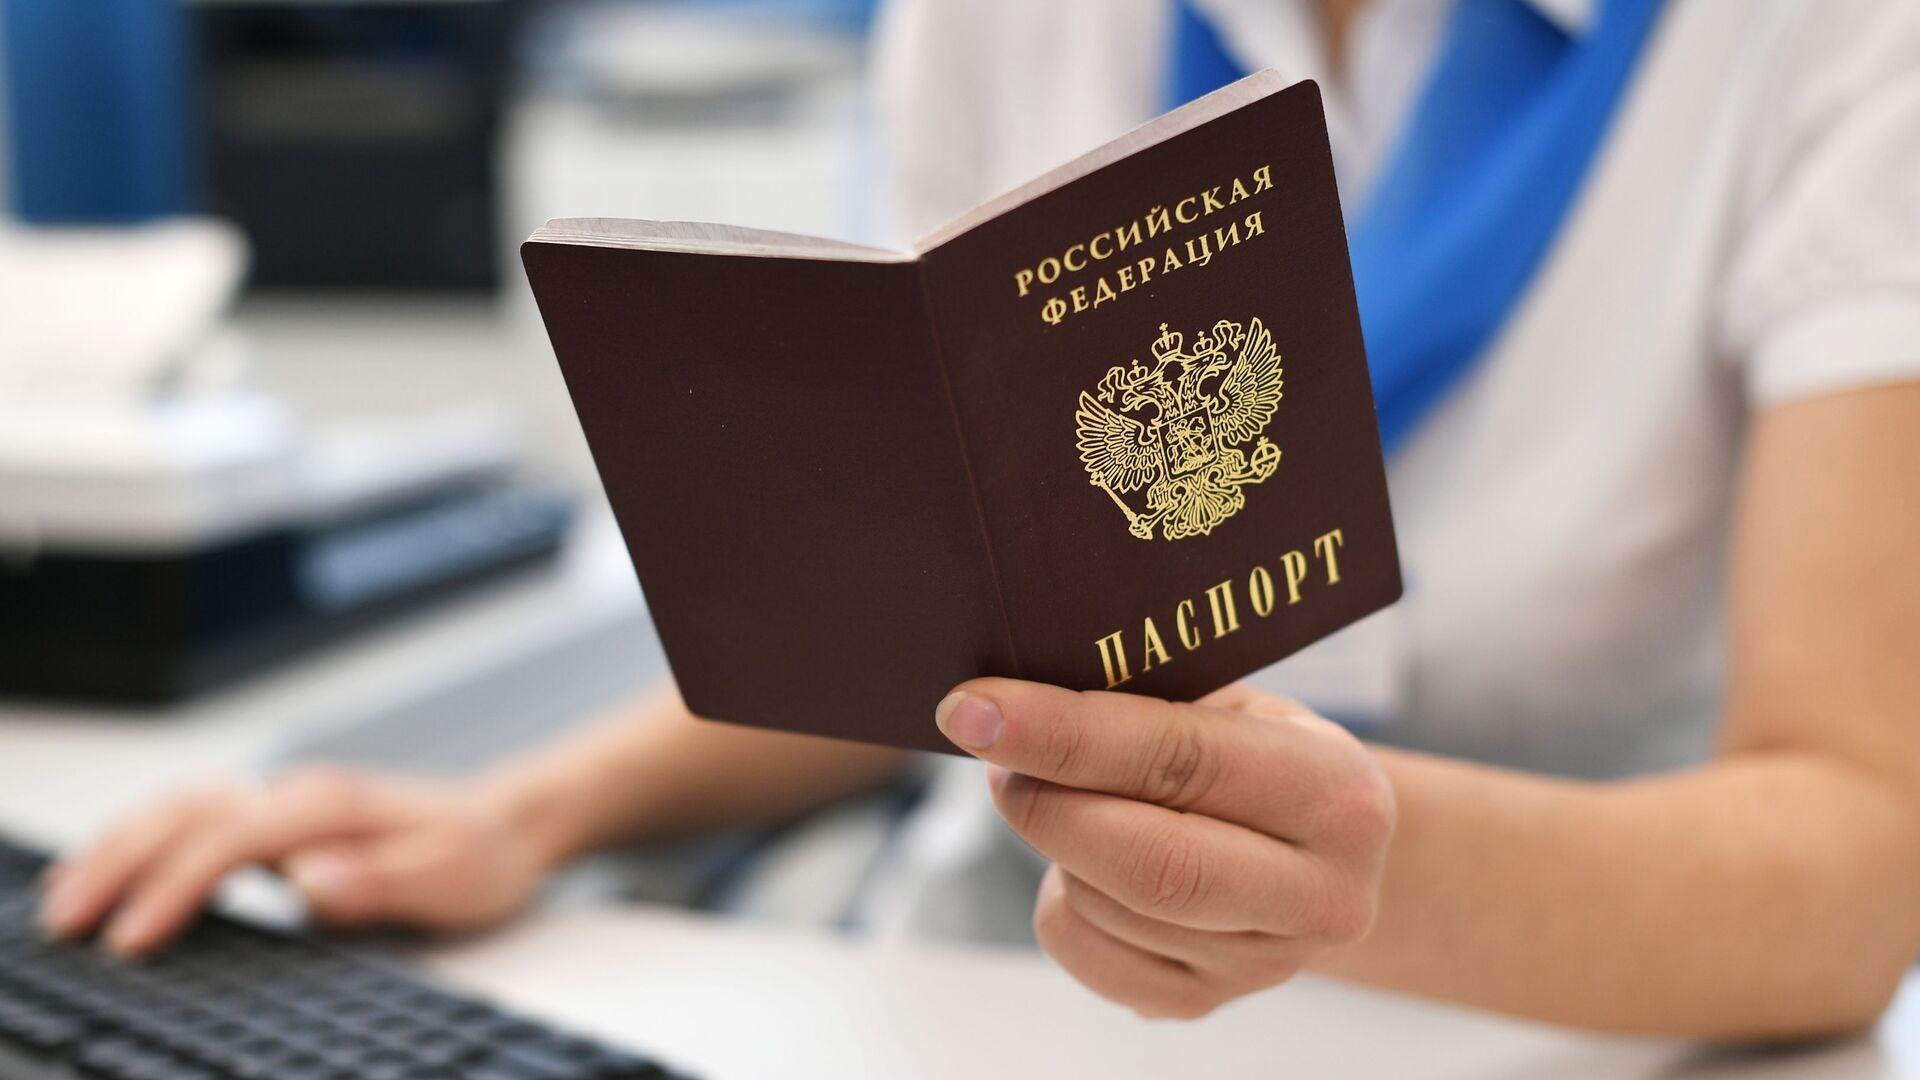 Пасош Руске Федерације - Sputnik Србија, 1920, 04.08.2021